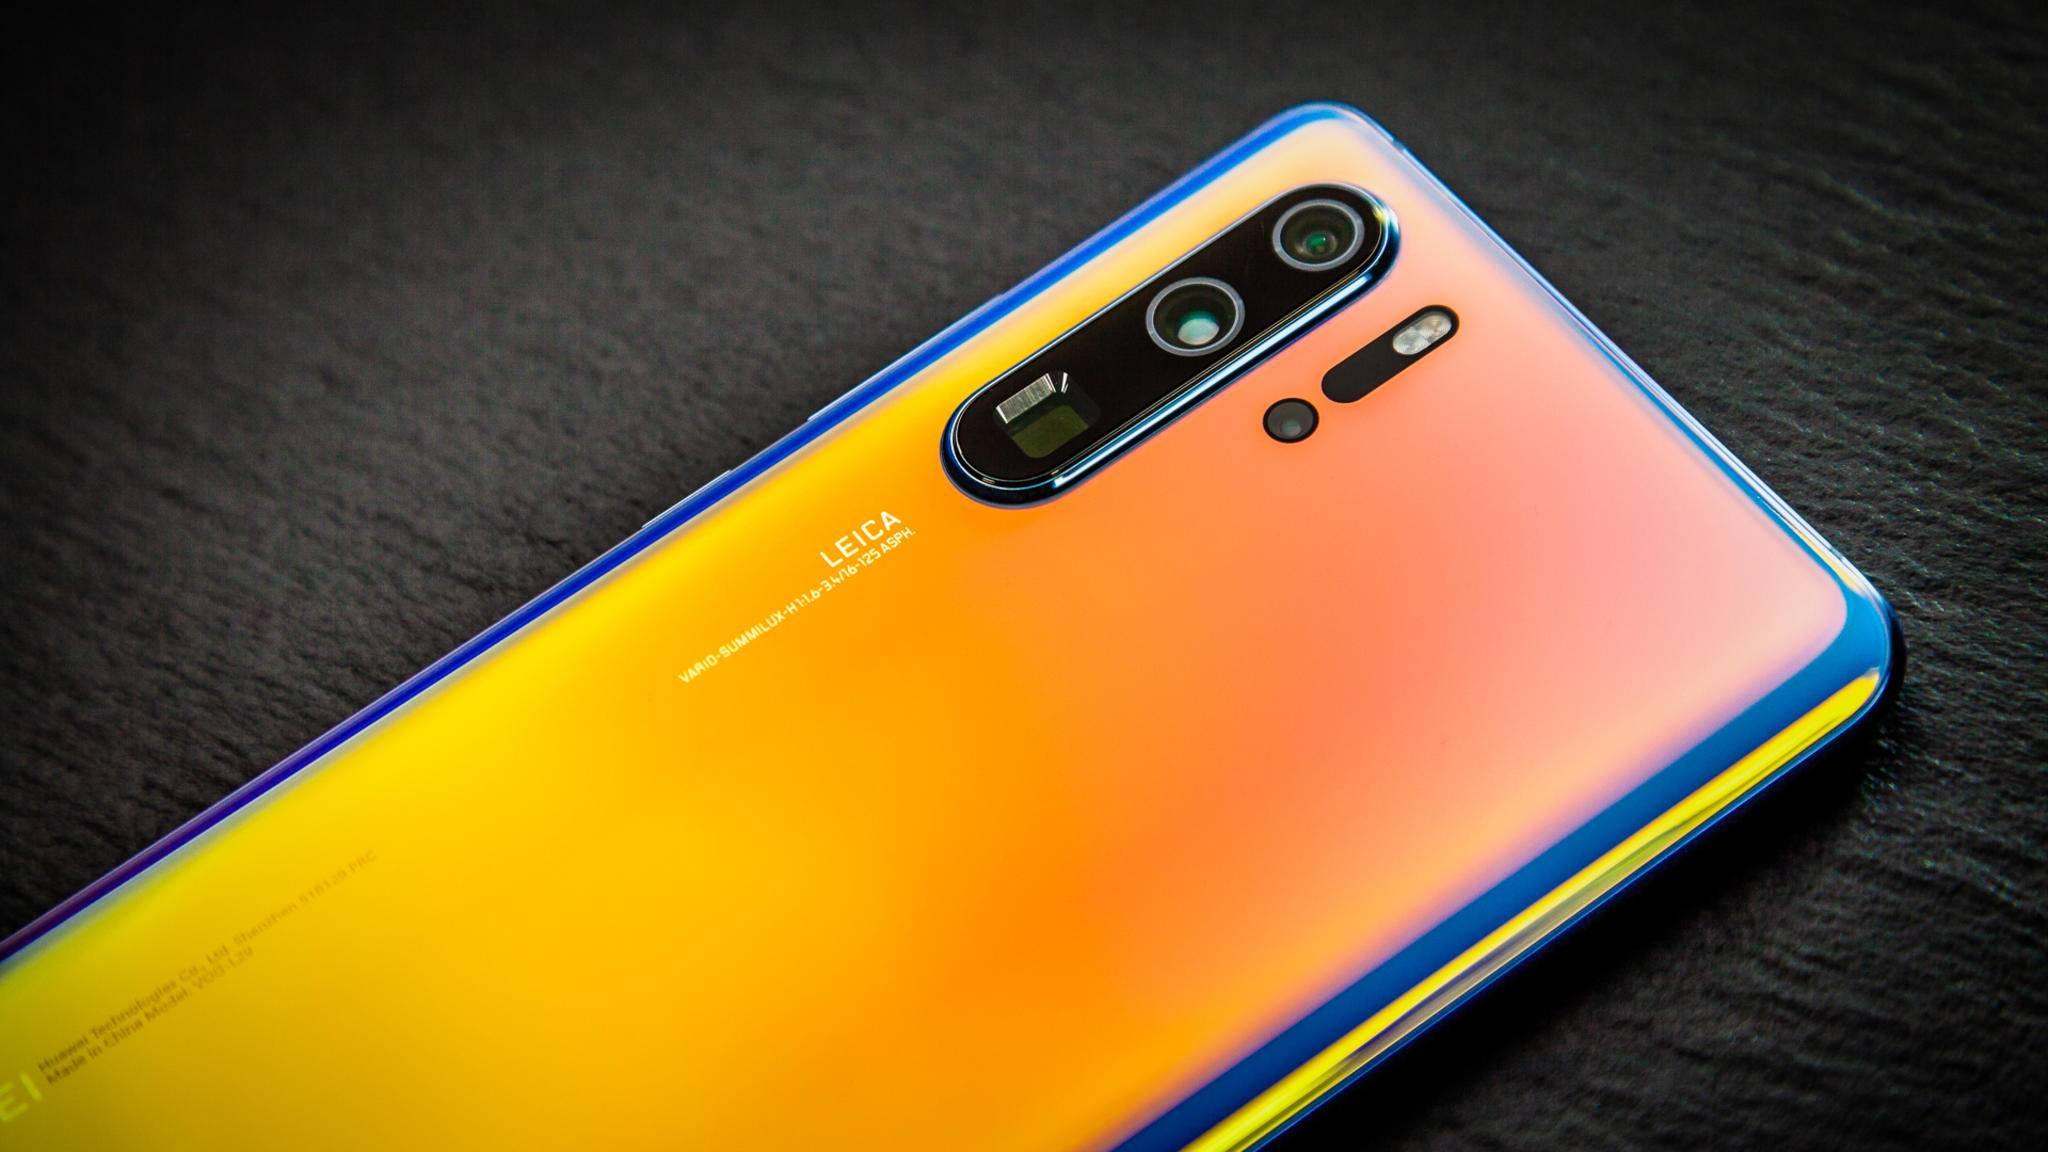 Das Huawei P30 Pro erschien noch vor dem US-Bann.